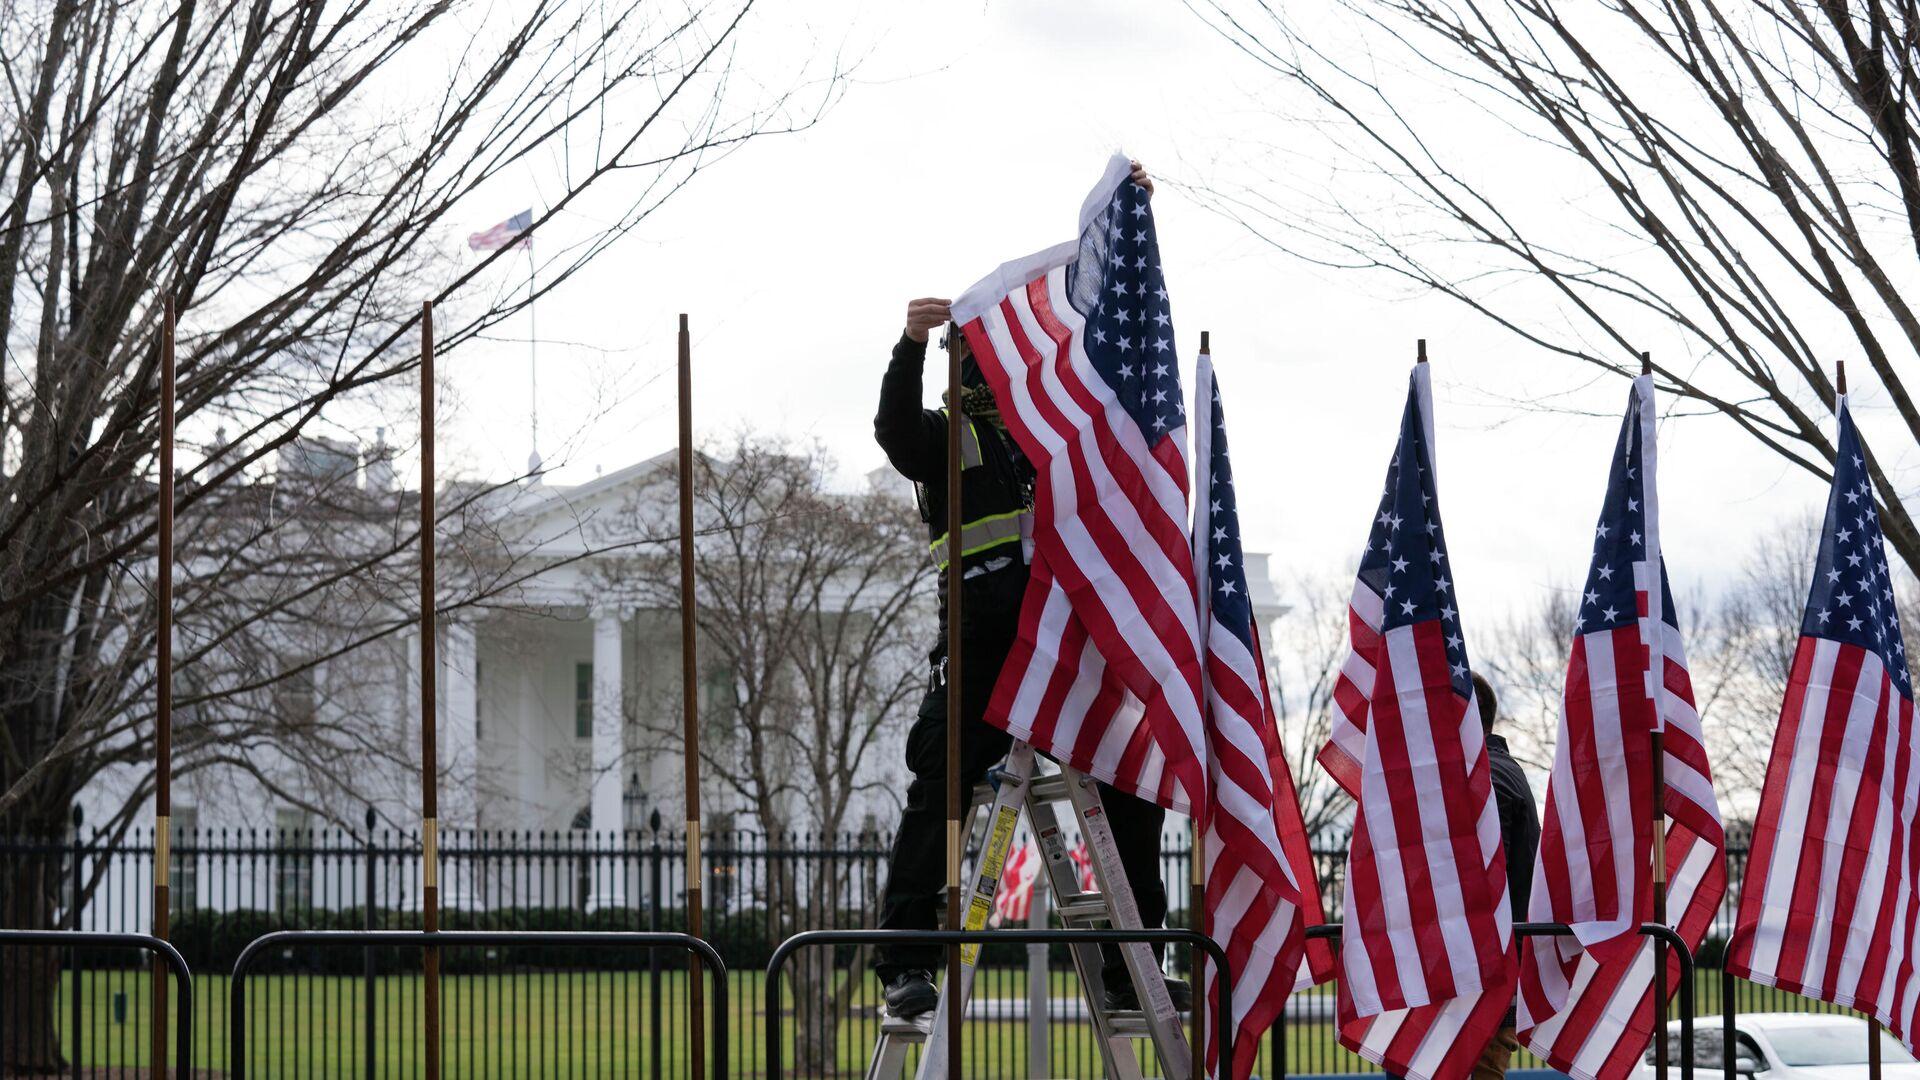 Рабочий устанавливает флаги возле Белого дома в Вашингтоне - РИА Новости, 1920, 08.05.2021